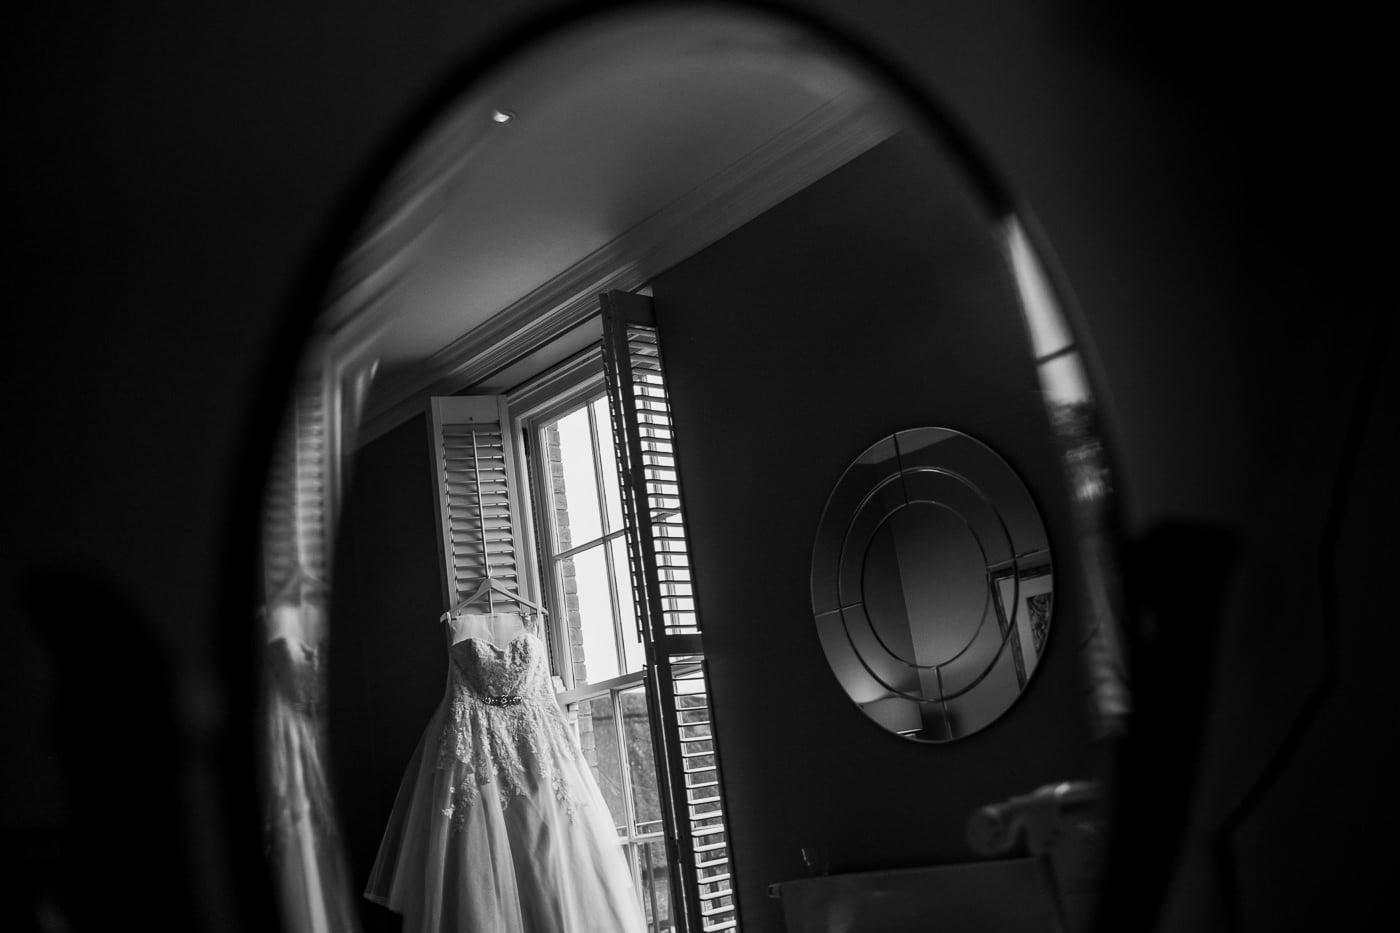 Dorset bridal dress at Kings Arms Wedding